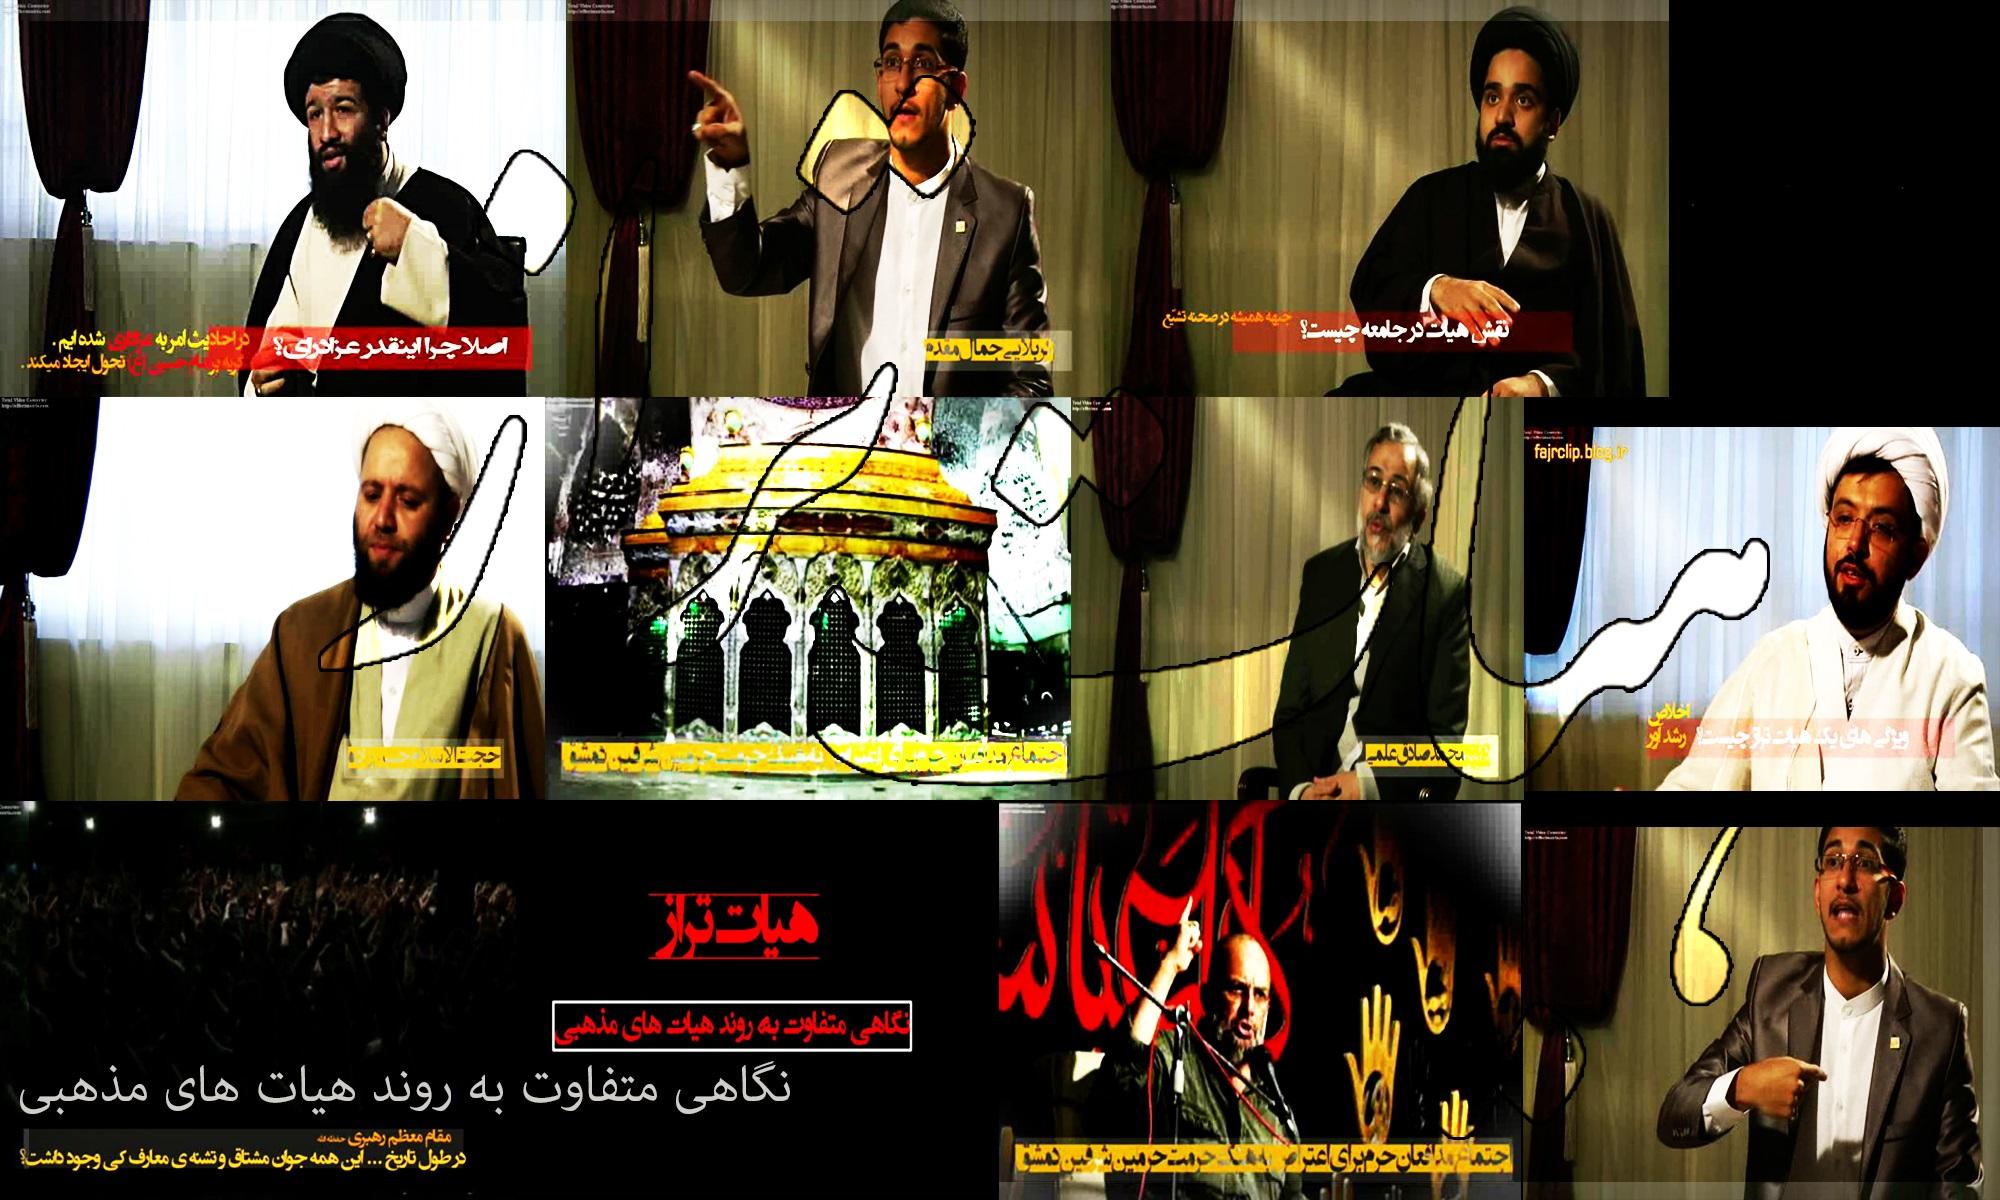 کانال+تلگرام+مذهبی+اهل+بیت